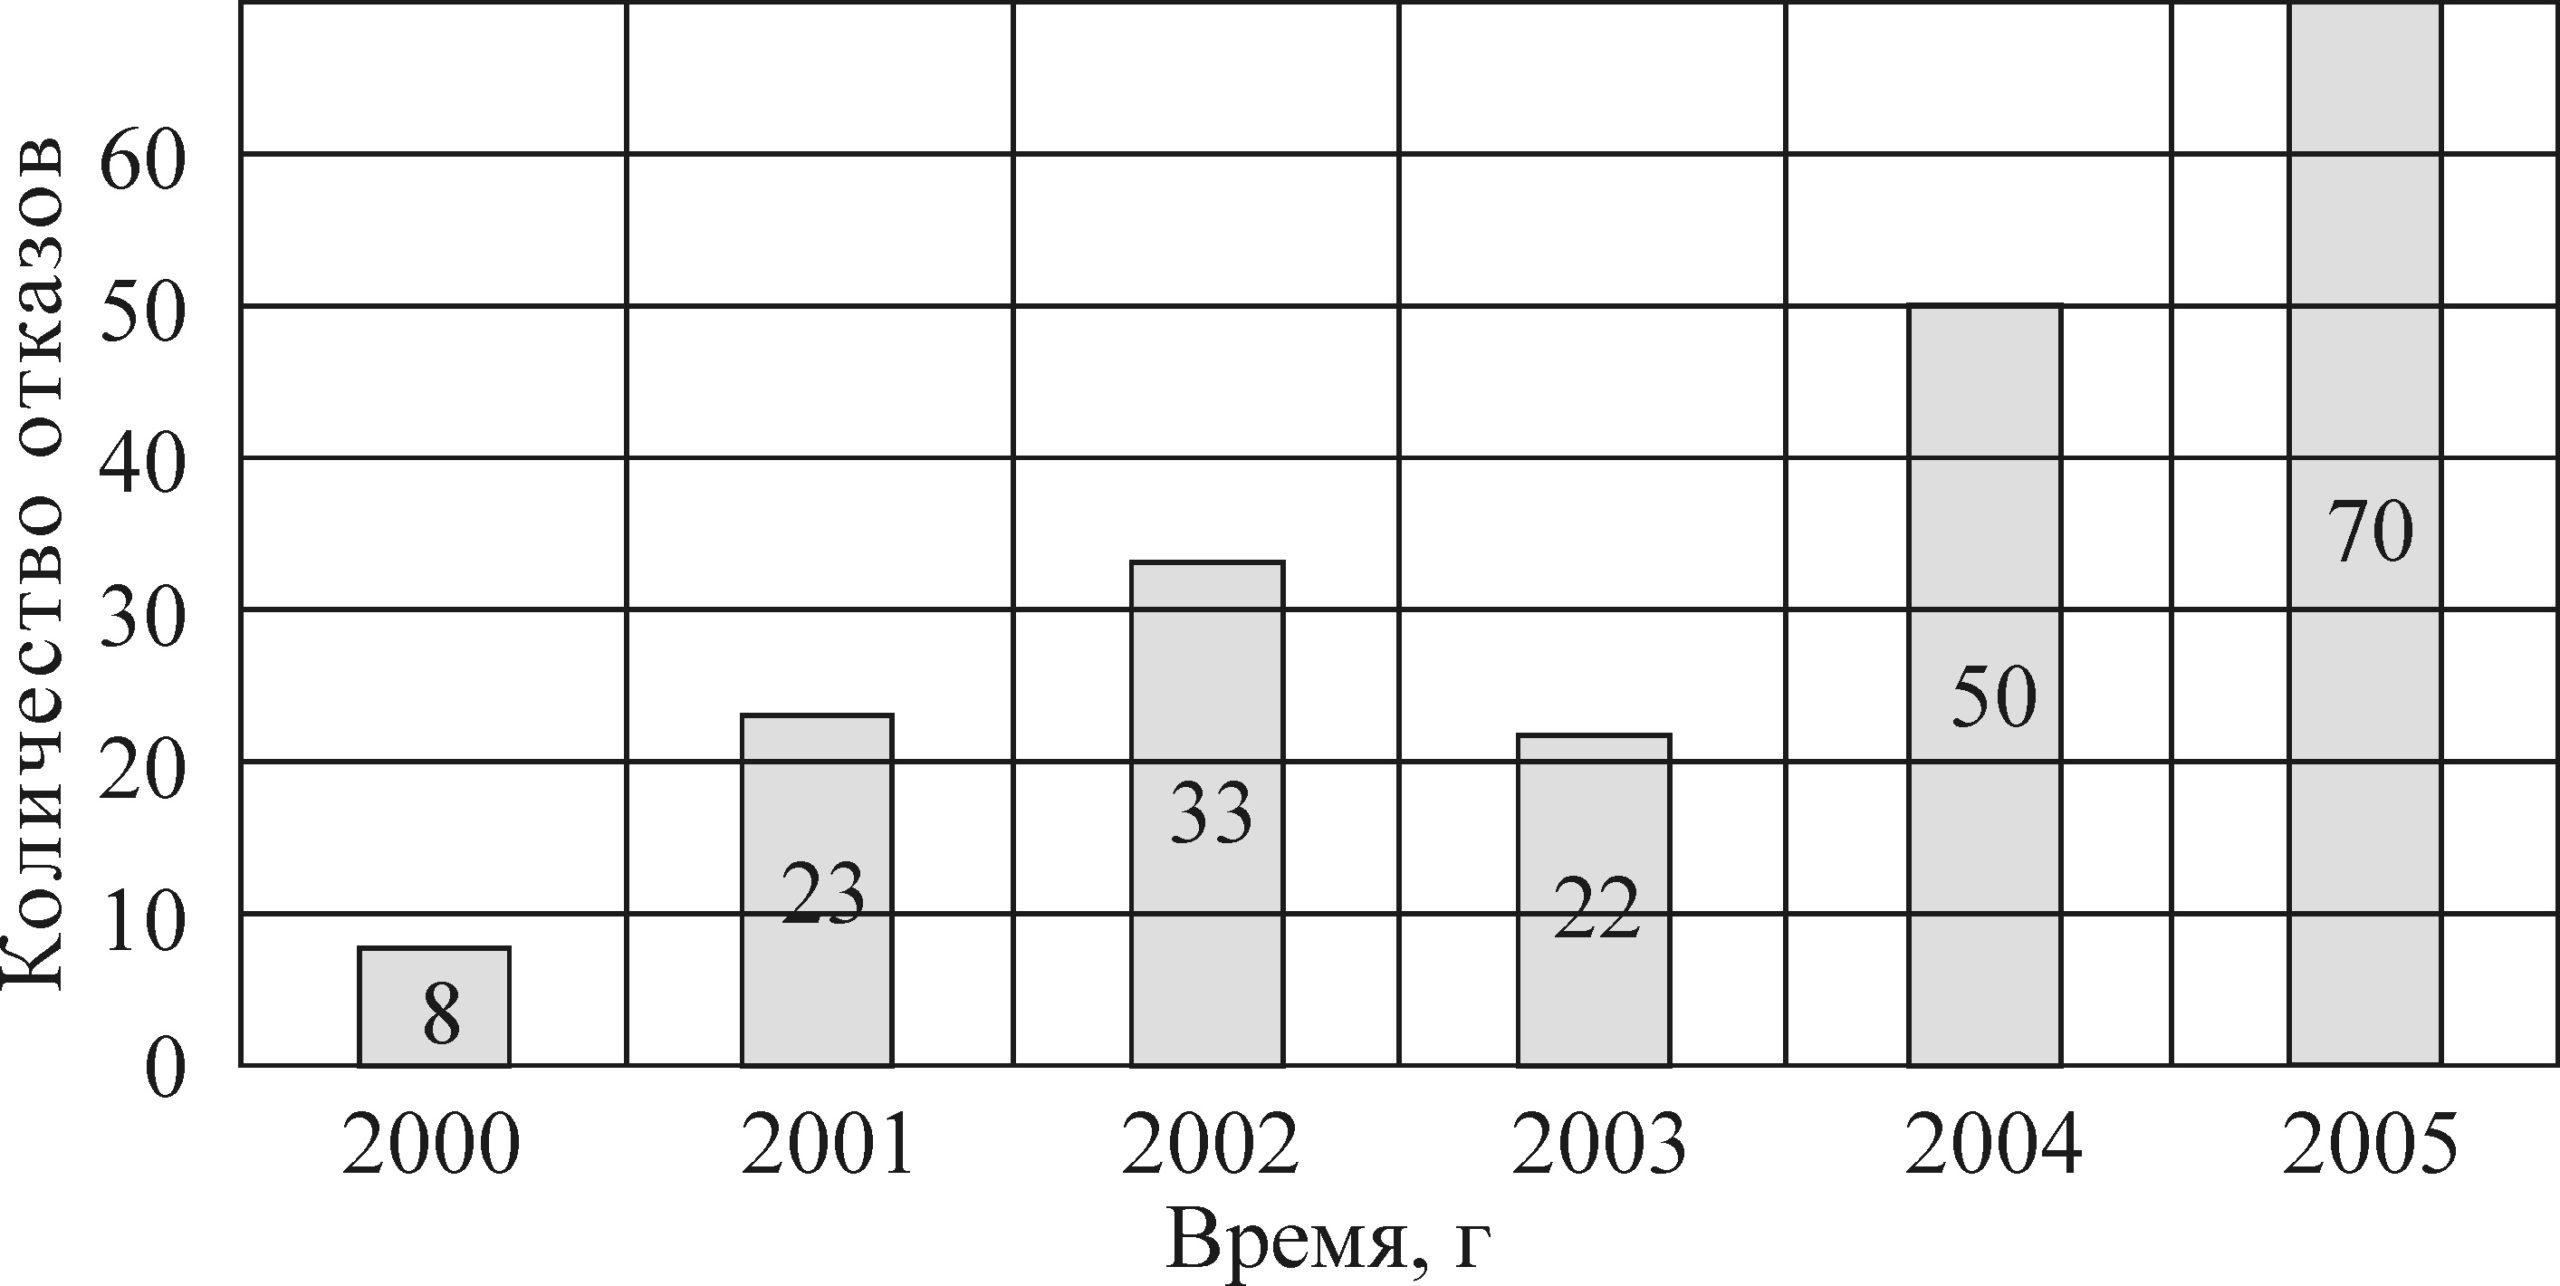 Рисунок 5 – Увеличение среднегодового числа отказов